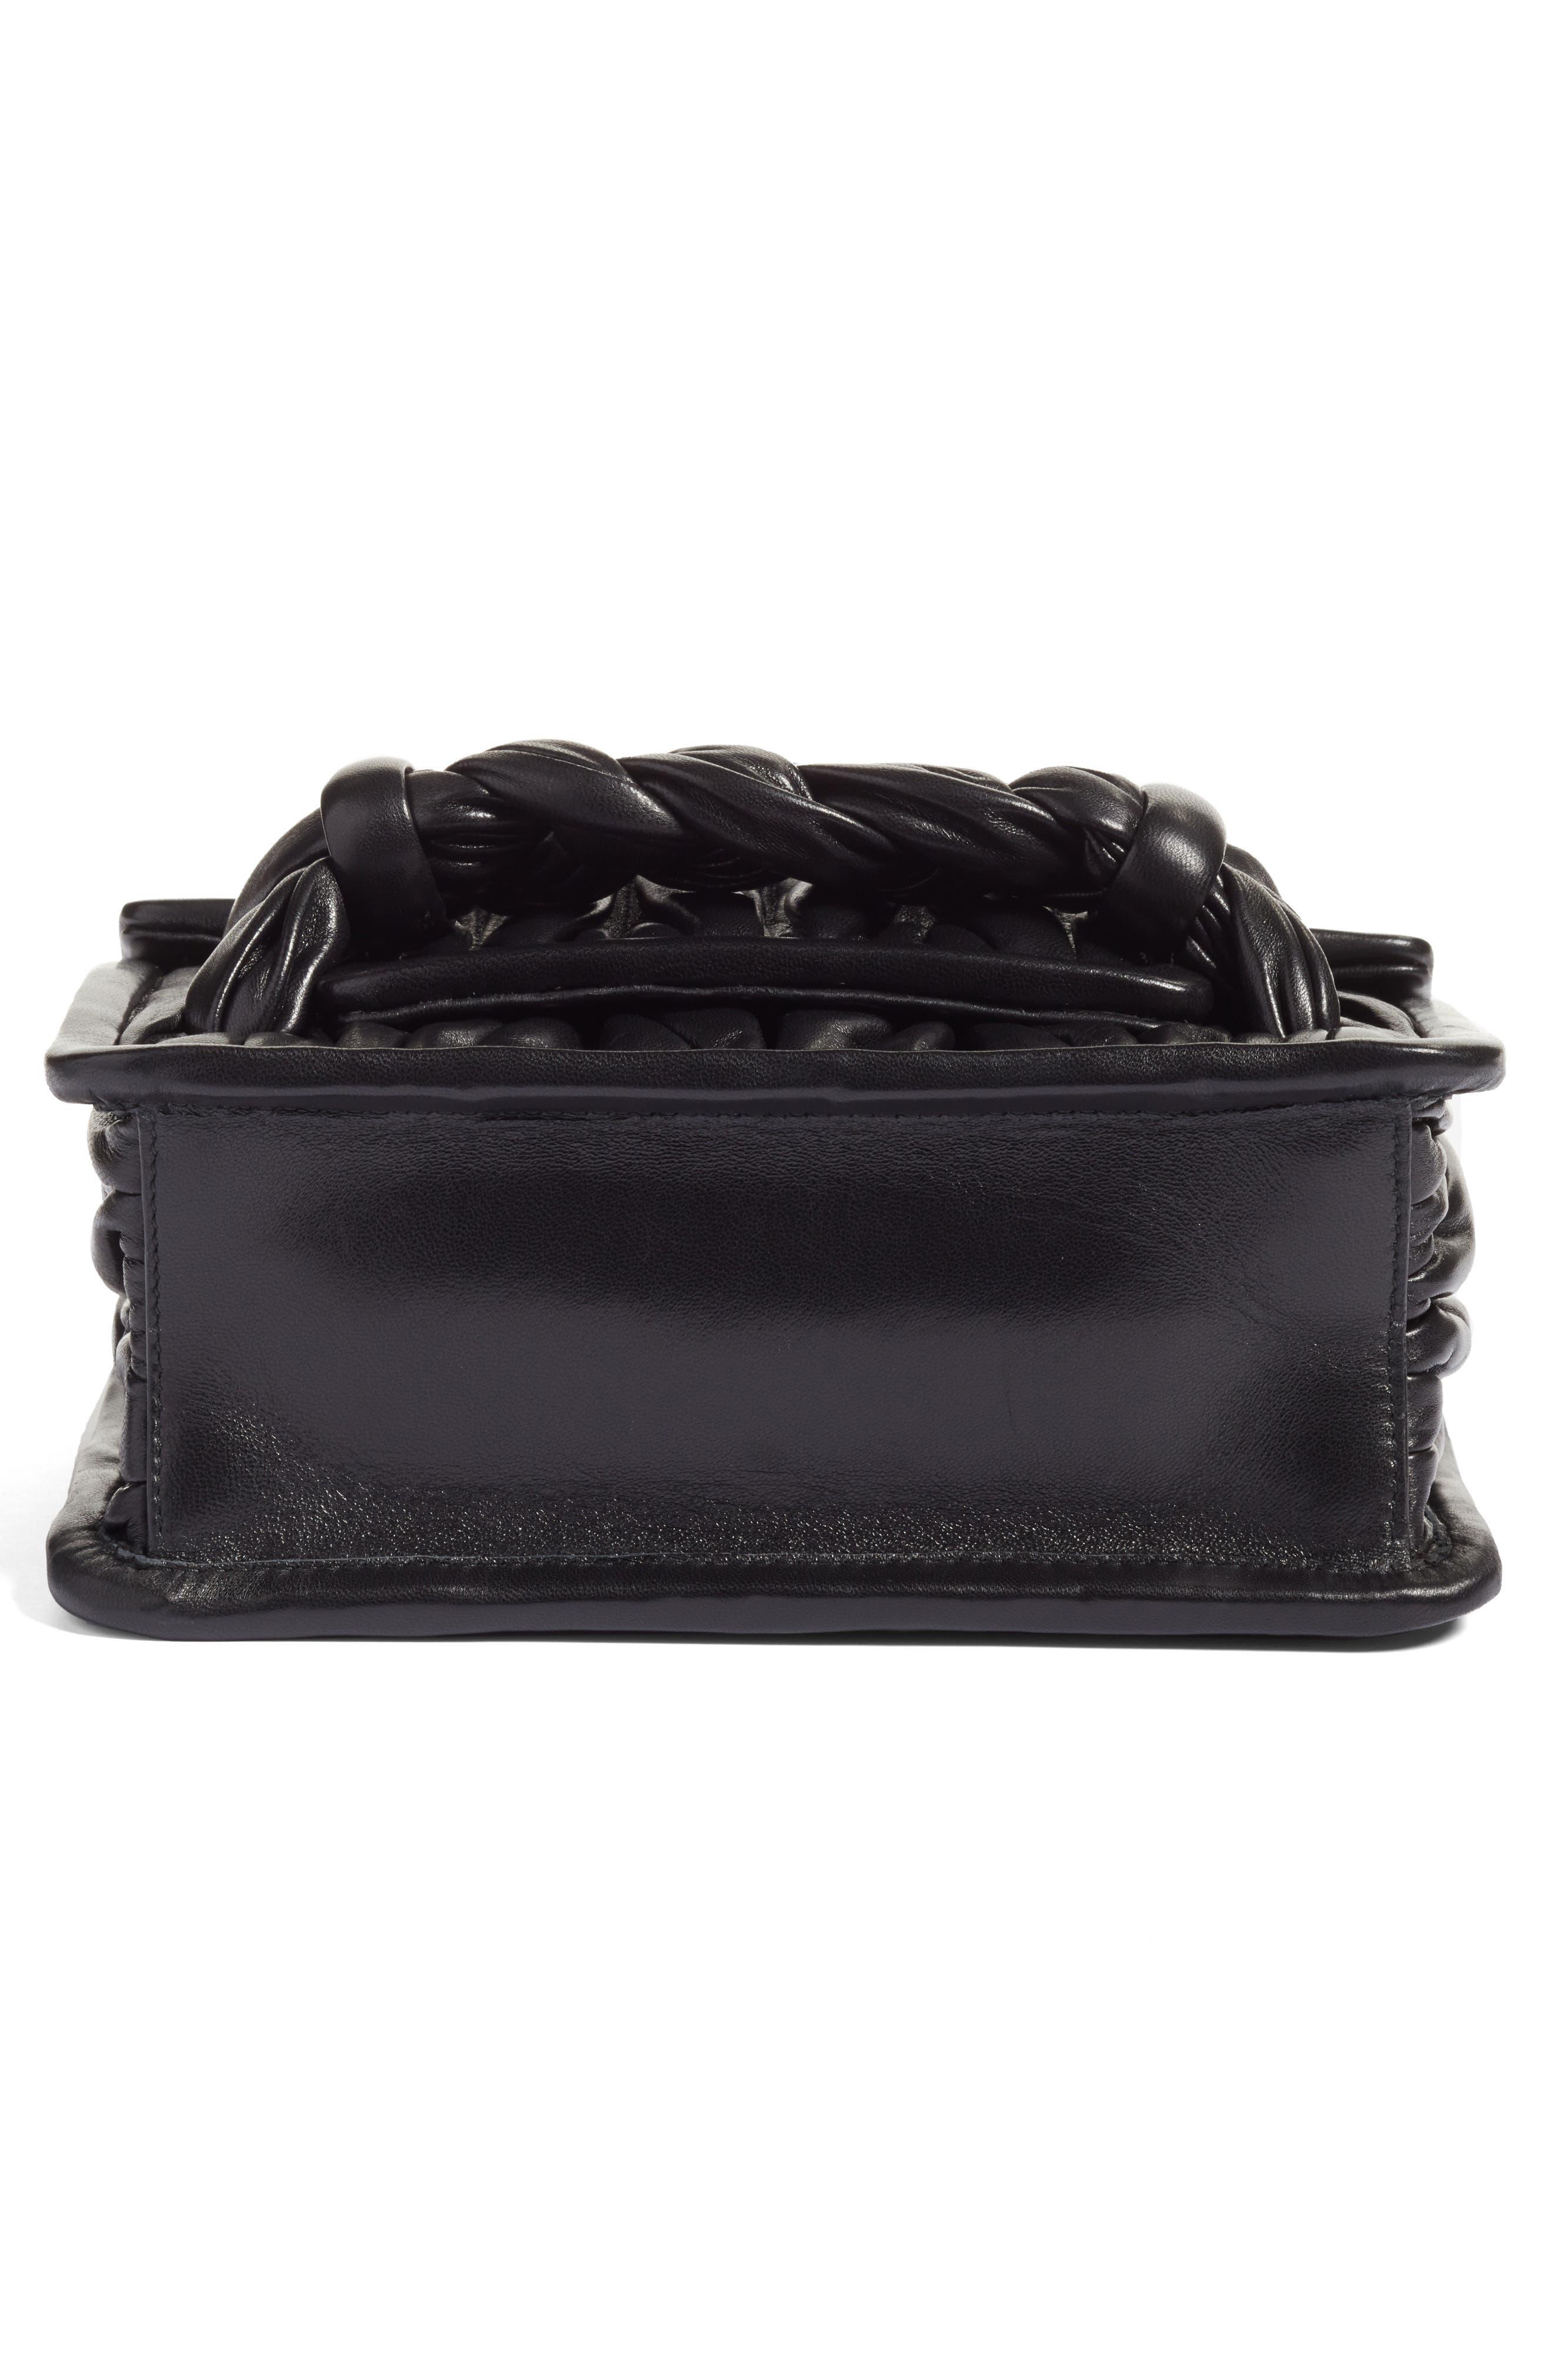 Matelassé Leather Shoulder Bag,                             Alternate thumbnail 6, color,                             001